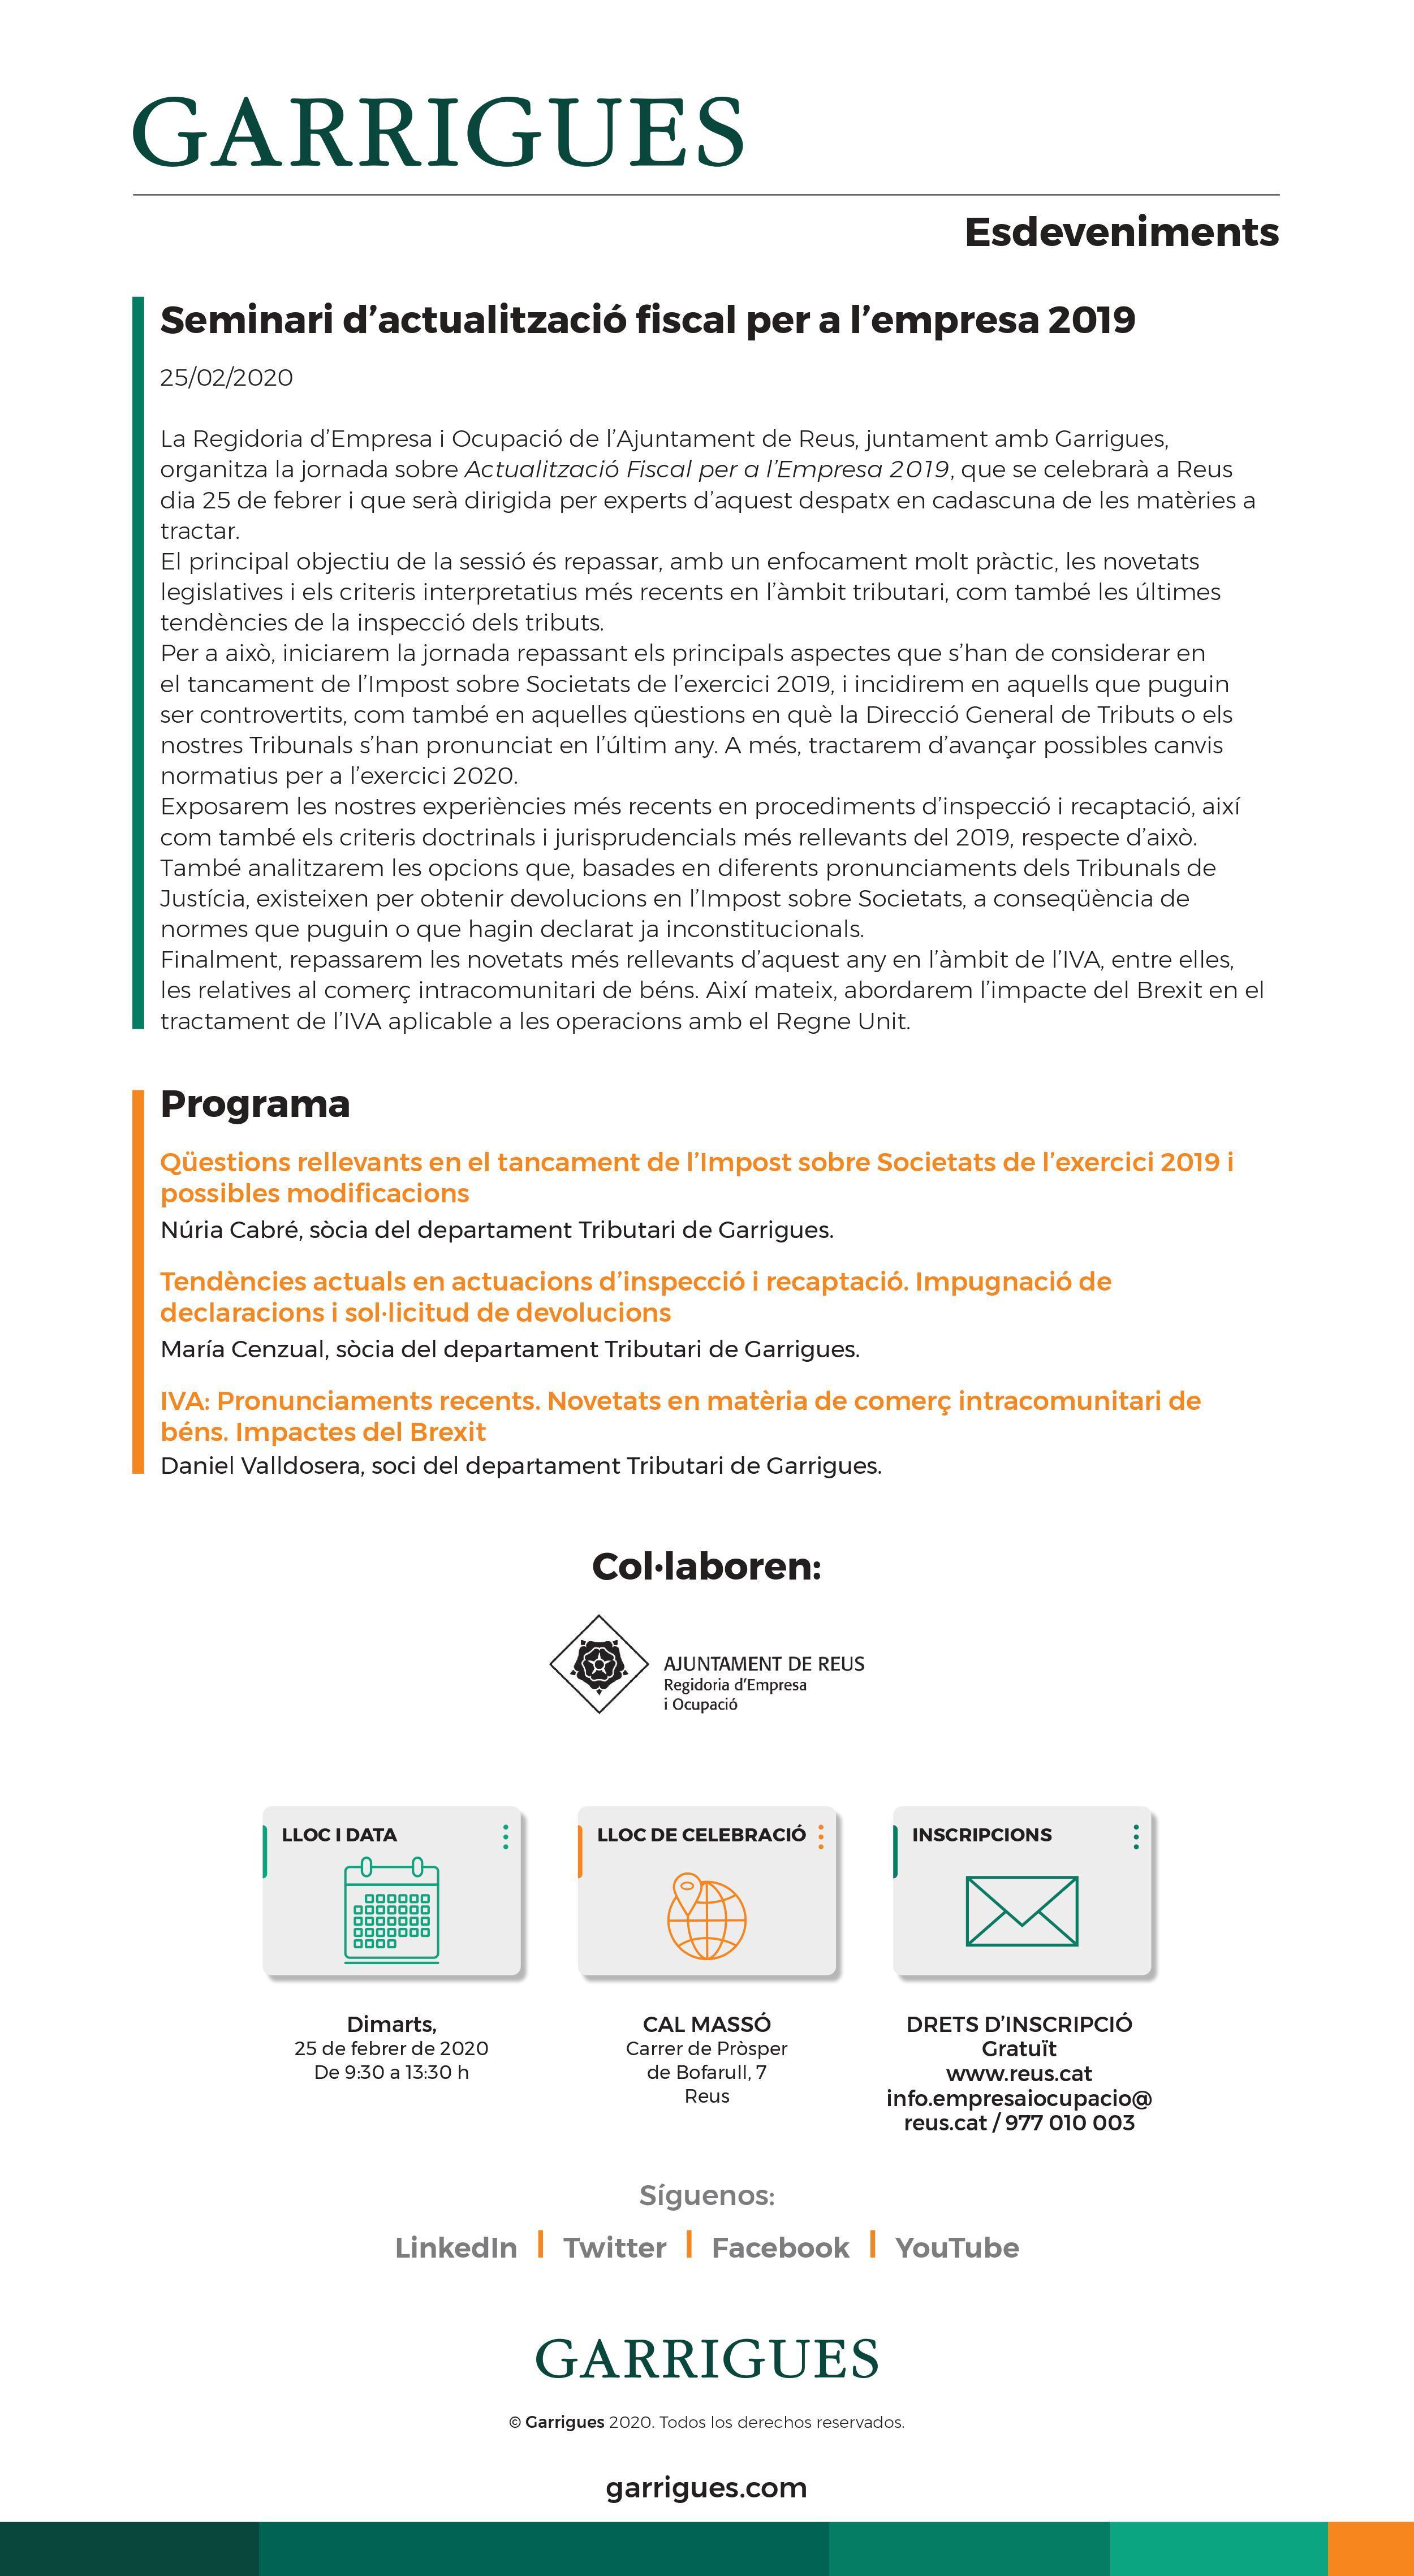 Seminari d'actualització fiscal per a l'empresa 2019